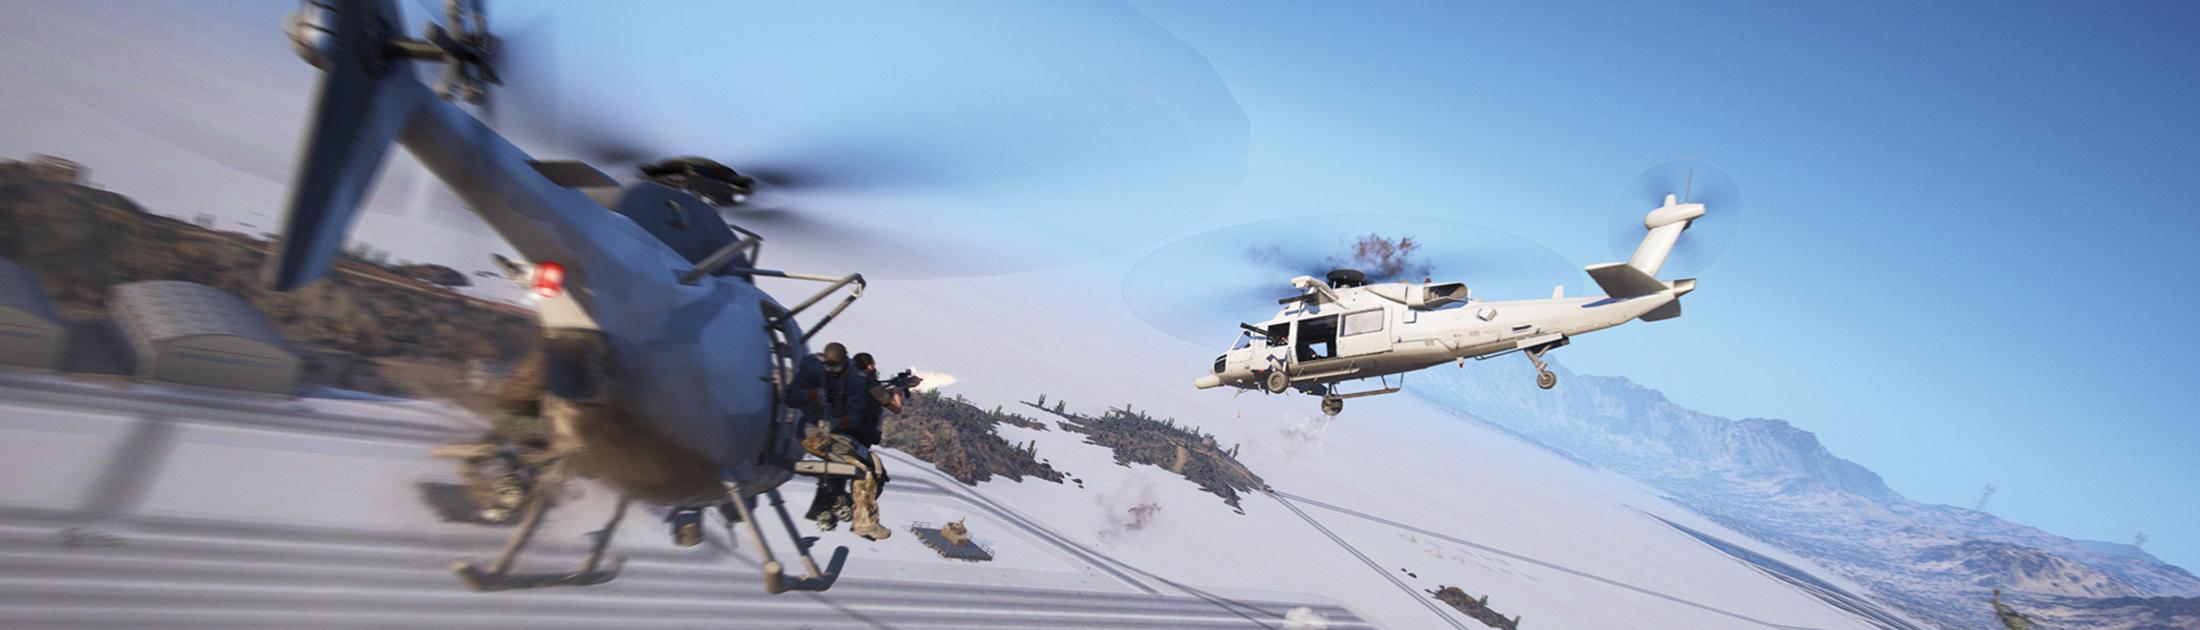 Ghost Recon: Wildlands — в 6 обновлении улучшено управление вертолётом